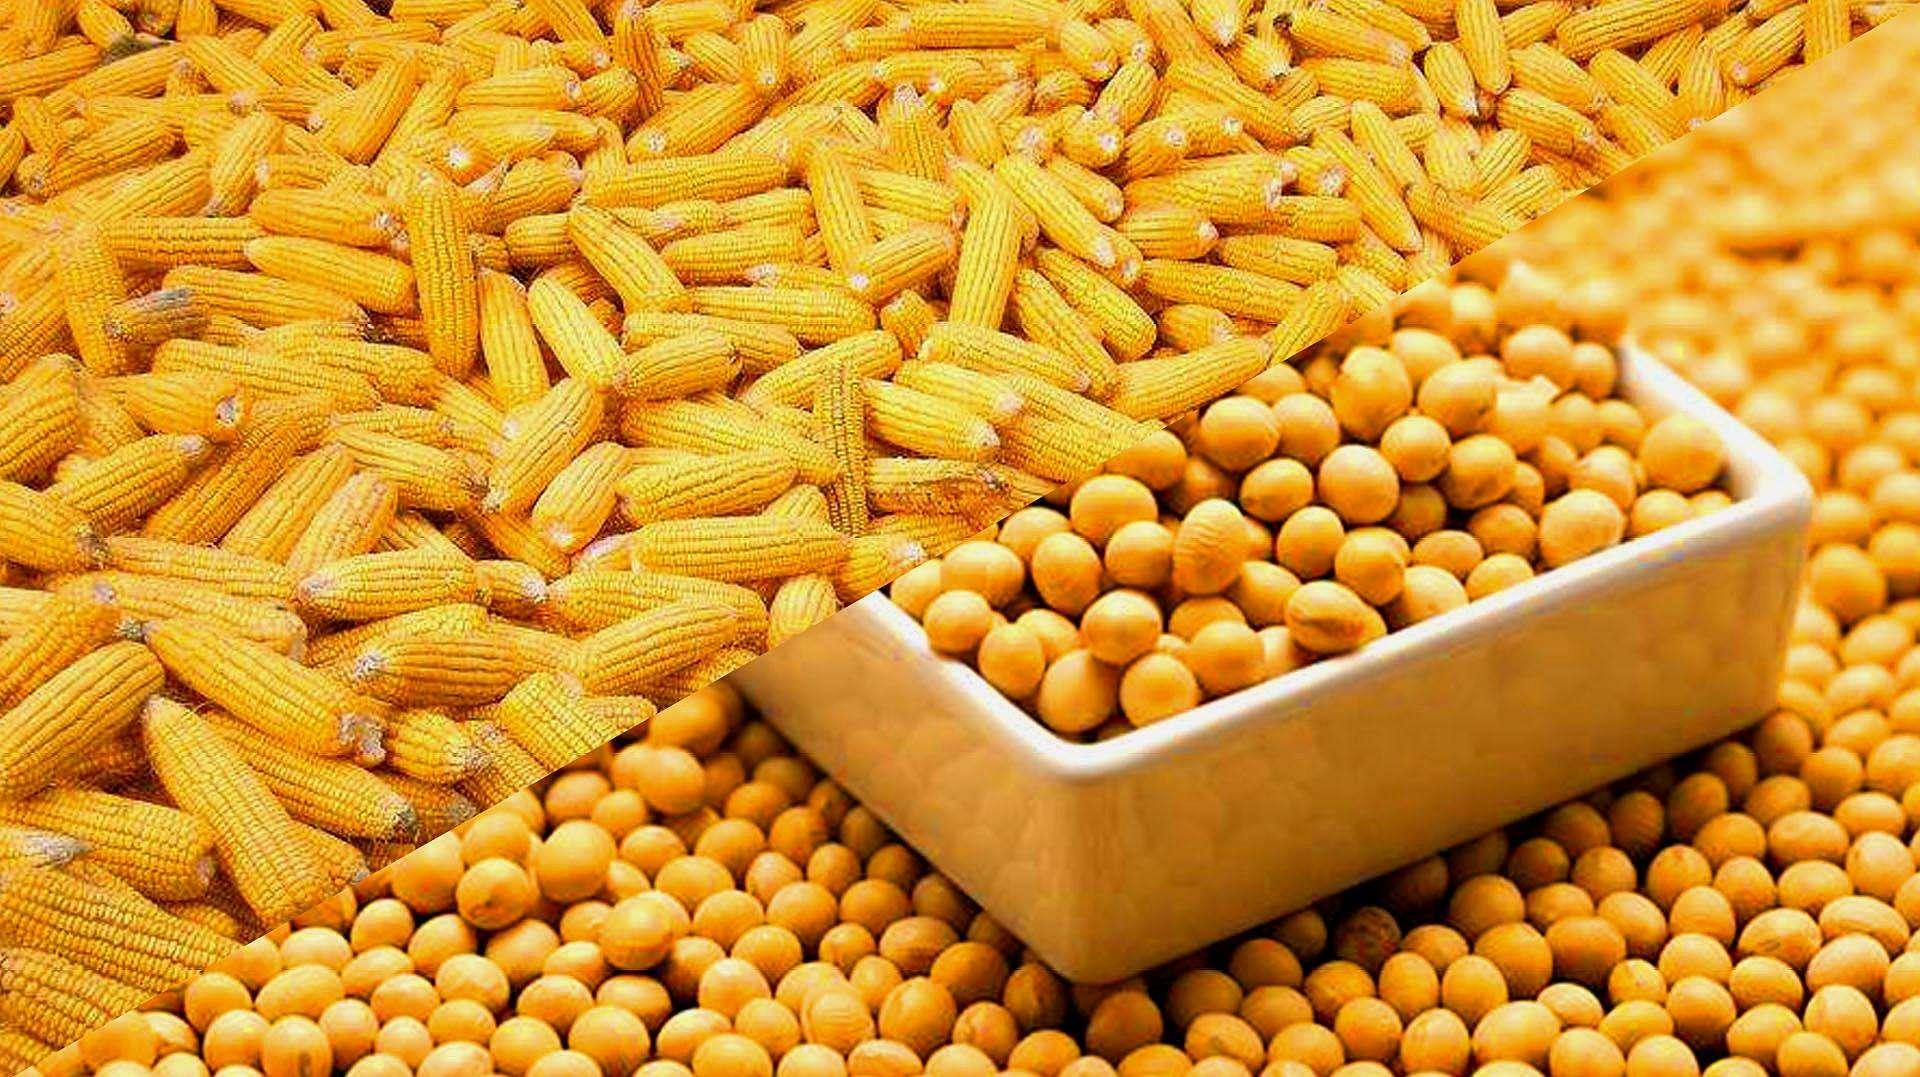 10月21日玉米、豆粕报价,玉米继续上涨